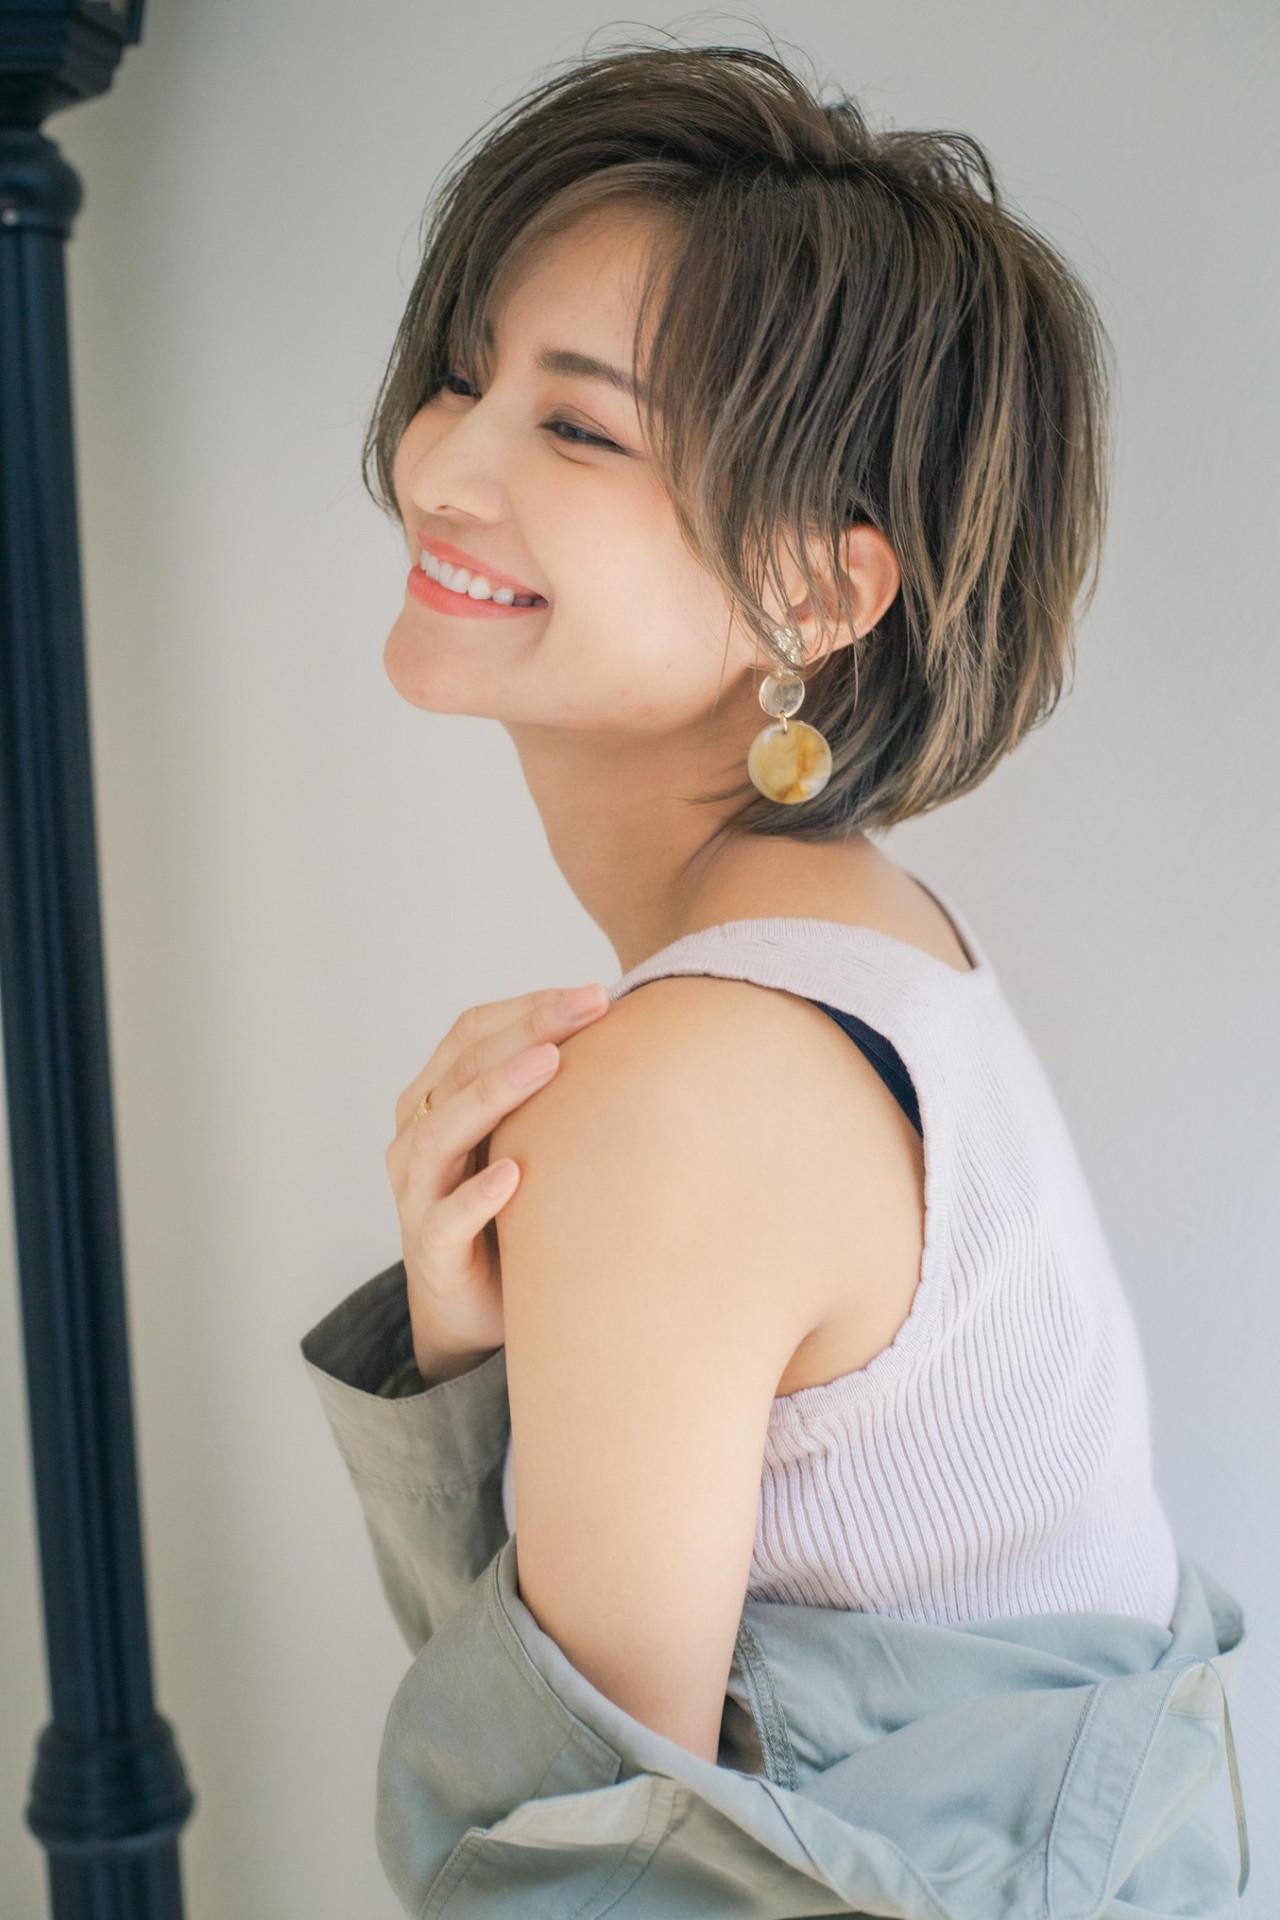 ショートヘア ふんわり 大人可愛い 可愛い ヘアスタイルや髪型の写真・画像 | 山口 健太 / Lond ange